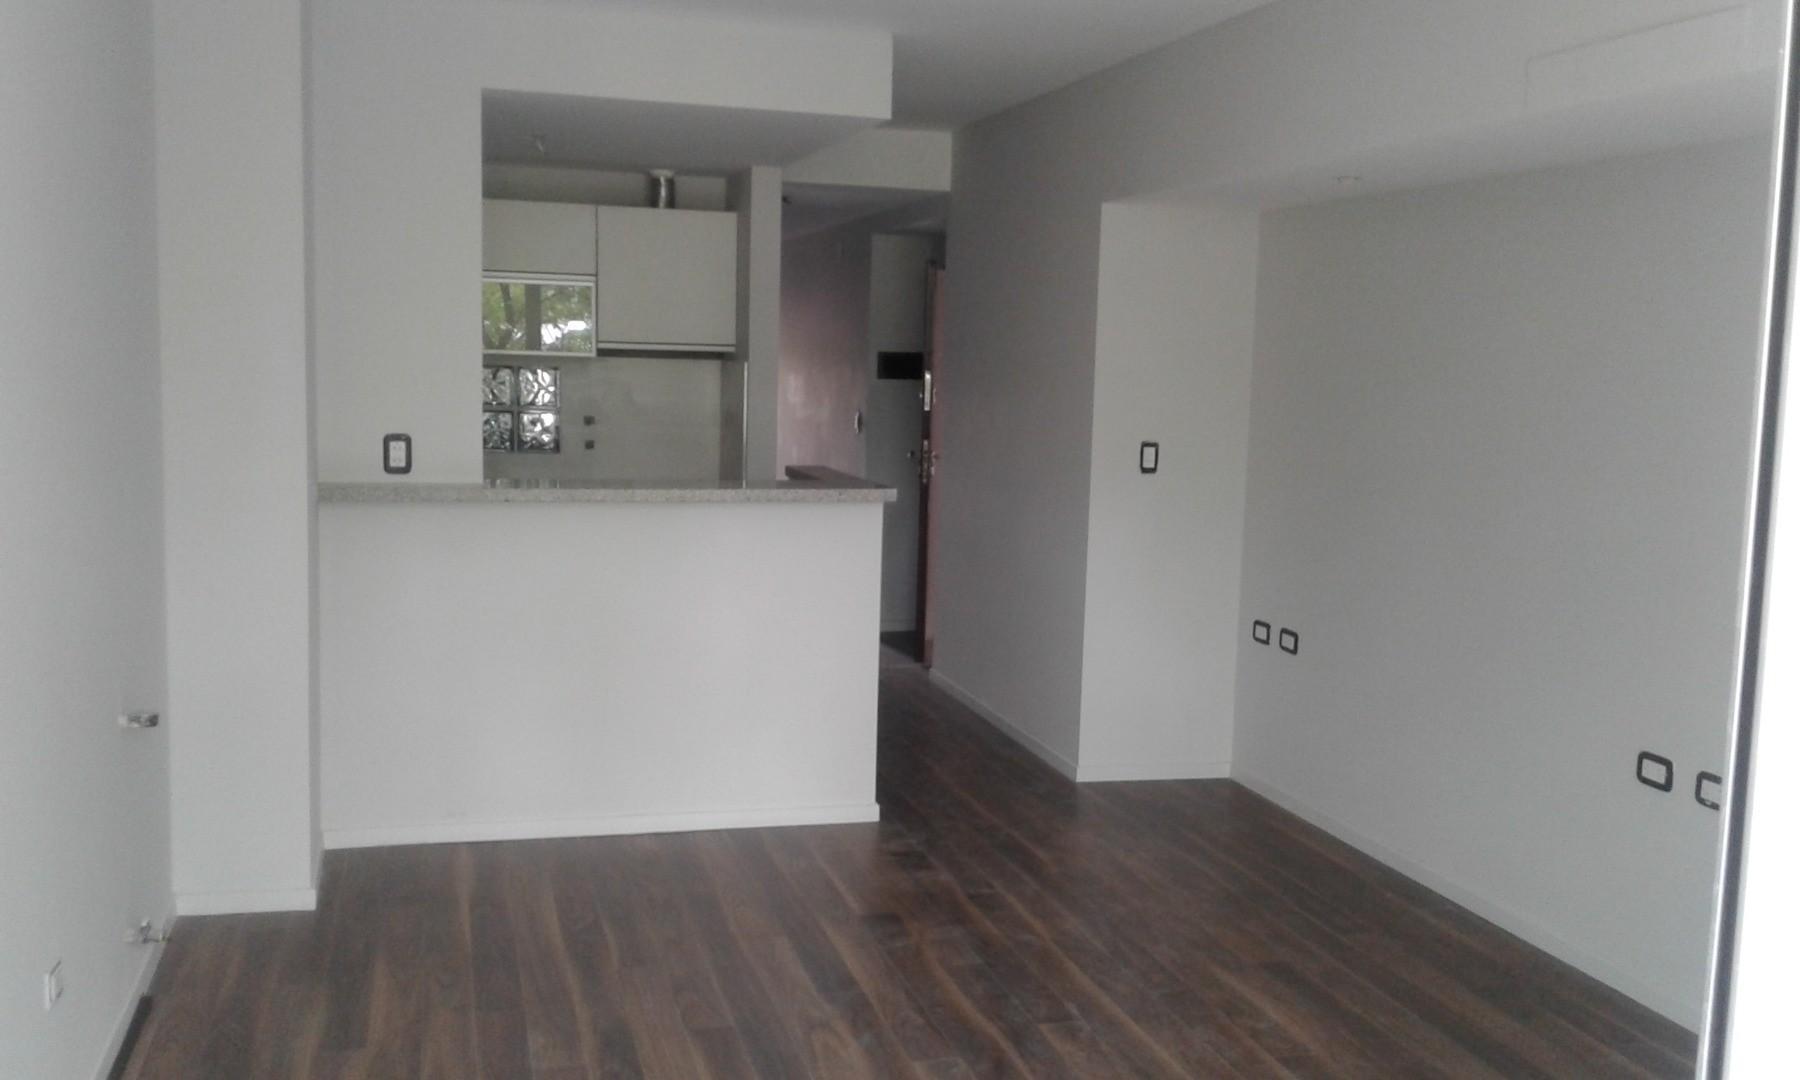 C & P Inmobiliaria: España 1800, 2 piso, frente, doble balcón, 55 m2, categoría, u$d 138.000